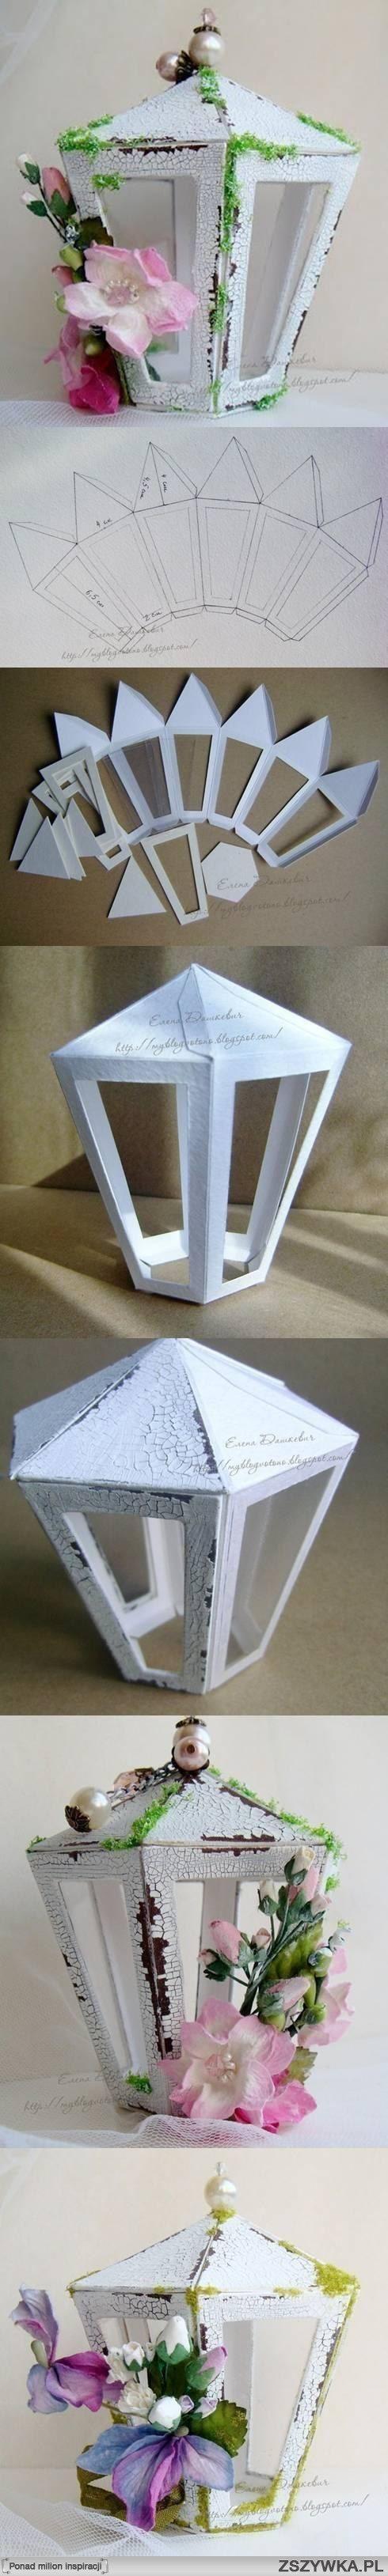 Zobacz zdjęcie diy, cardboard, lantern template, tutorial w pełnej rozdzielczości